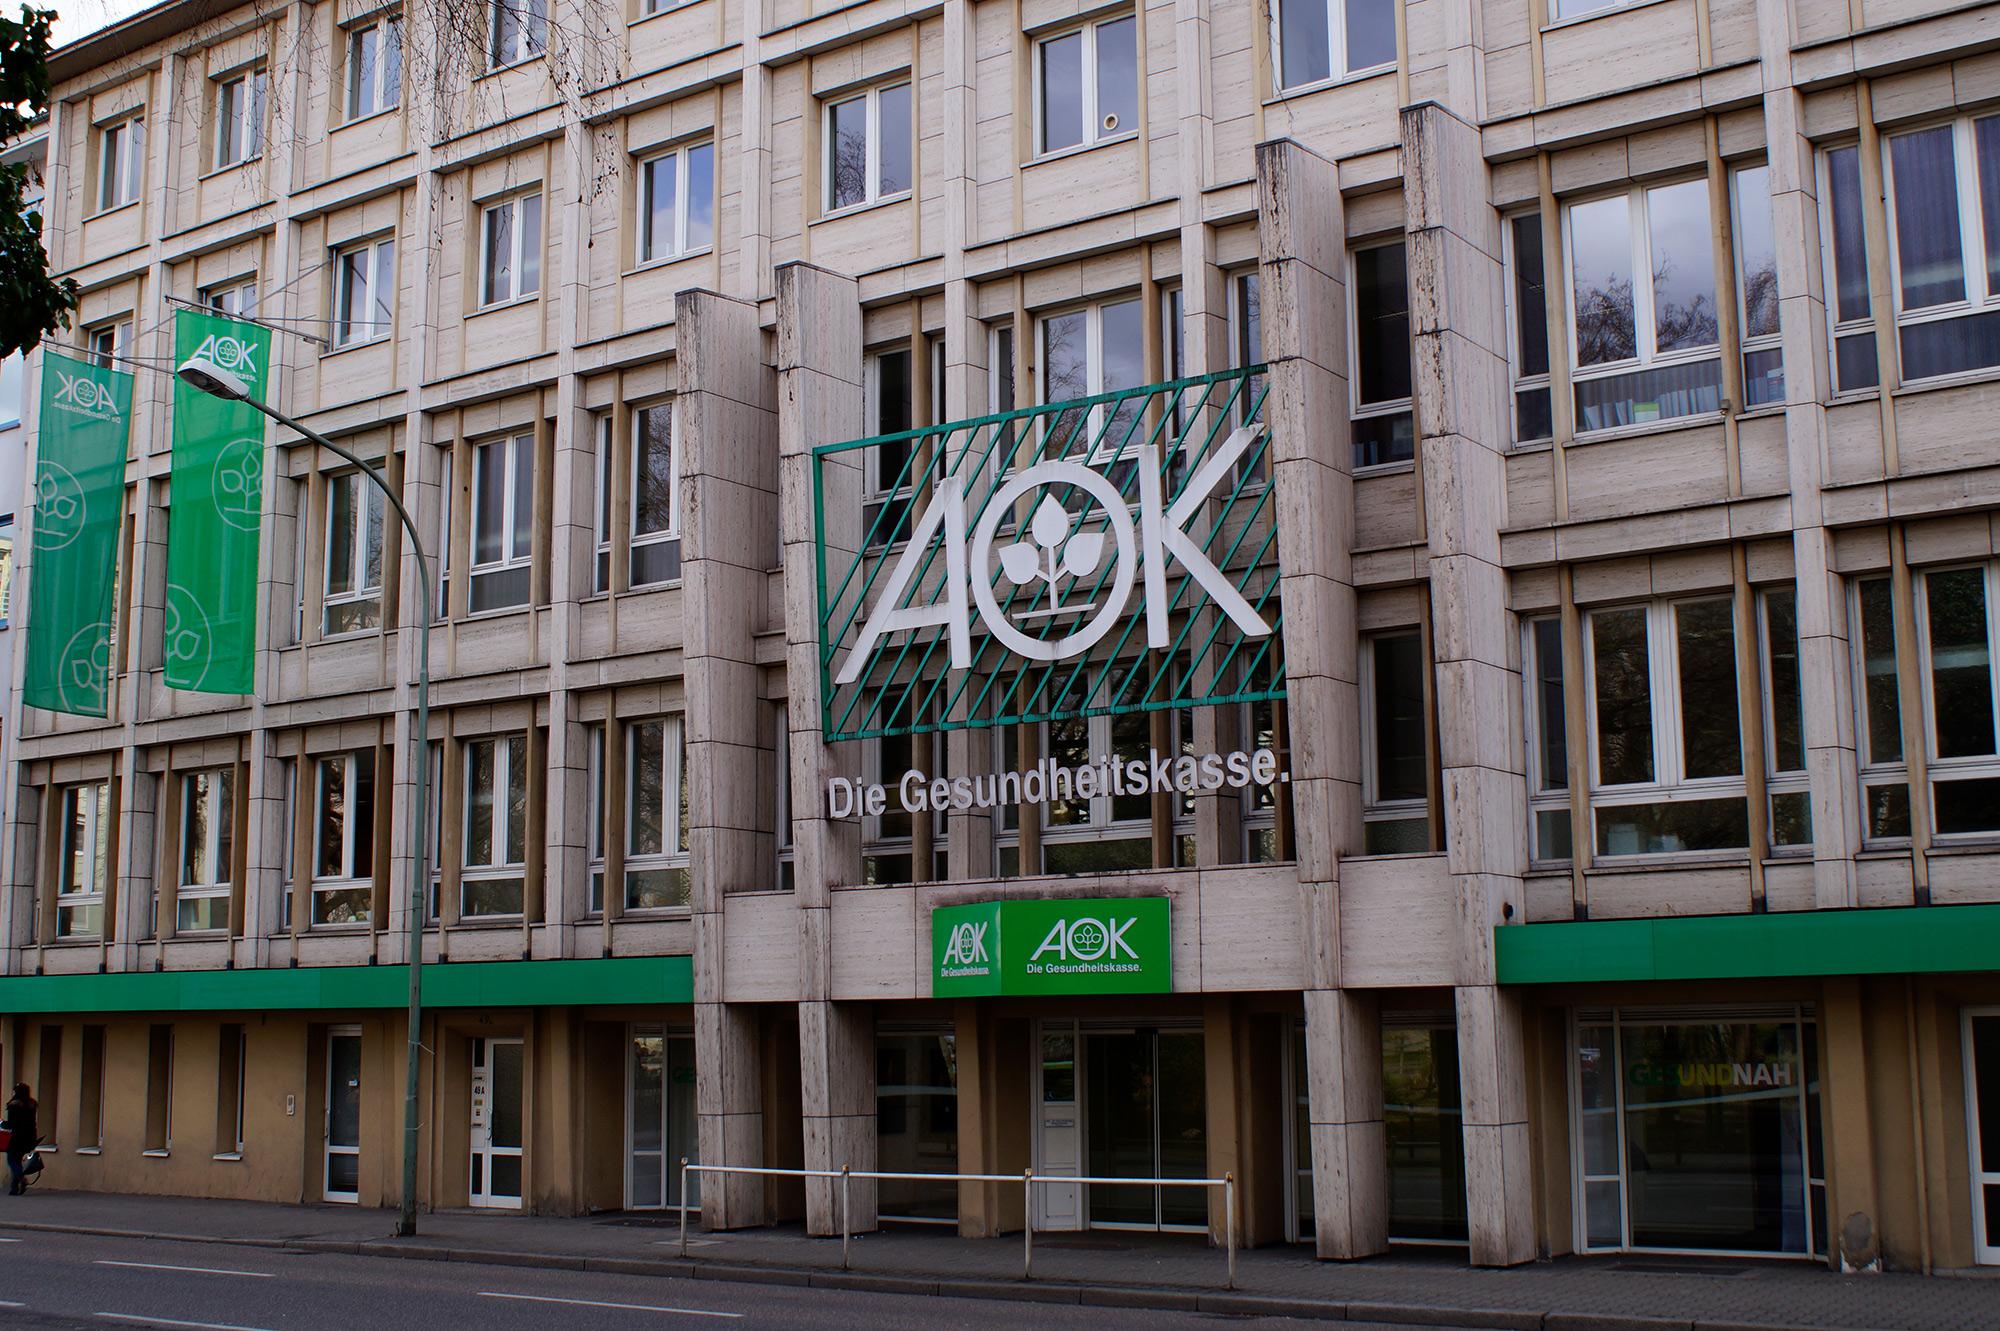 Aok-Bw